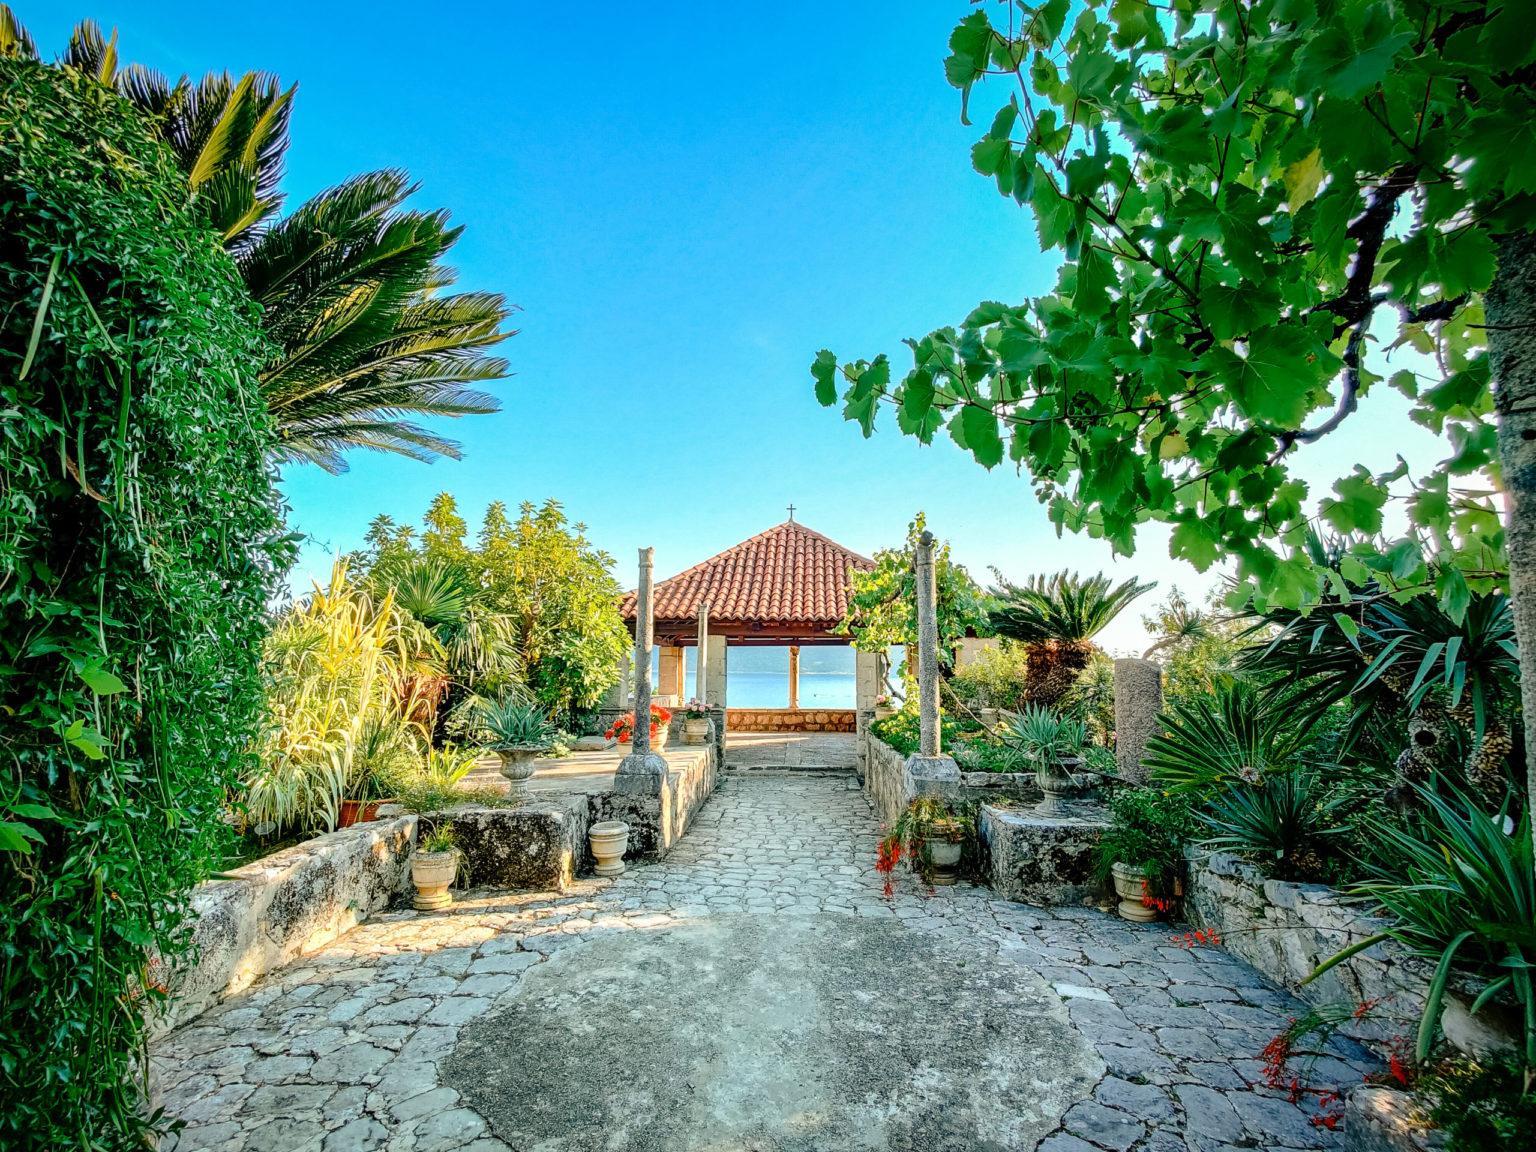 hochzeitslocation Kroatien location hochzeit heiraten 2 10 scaled - Historische Gärten